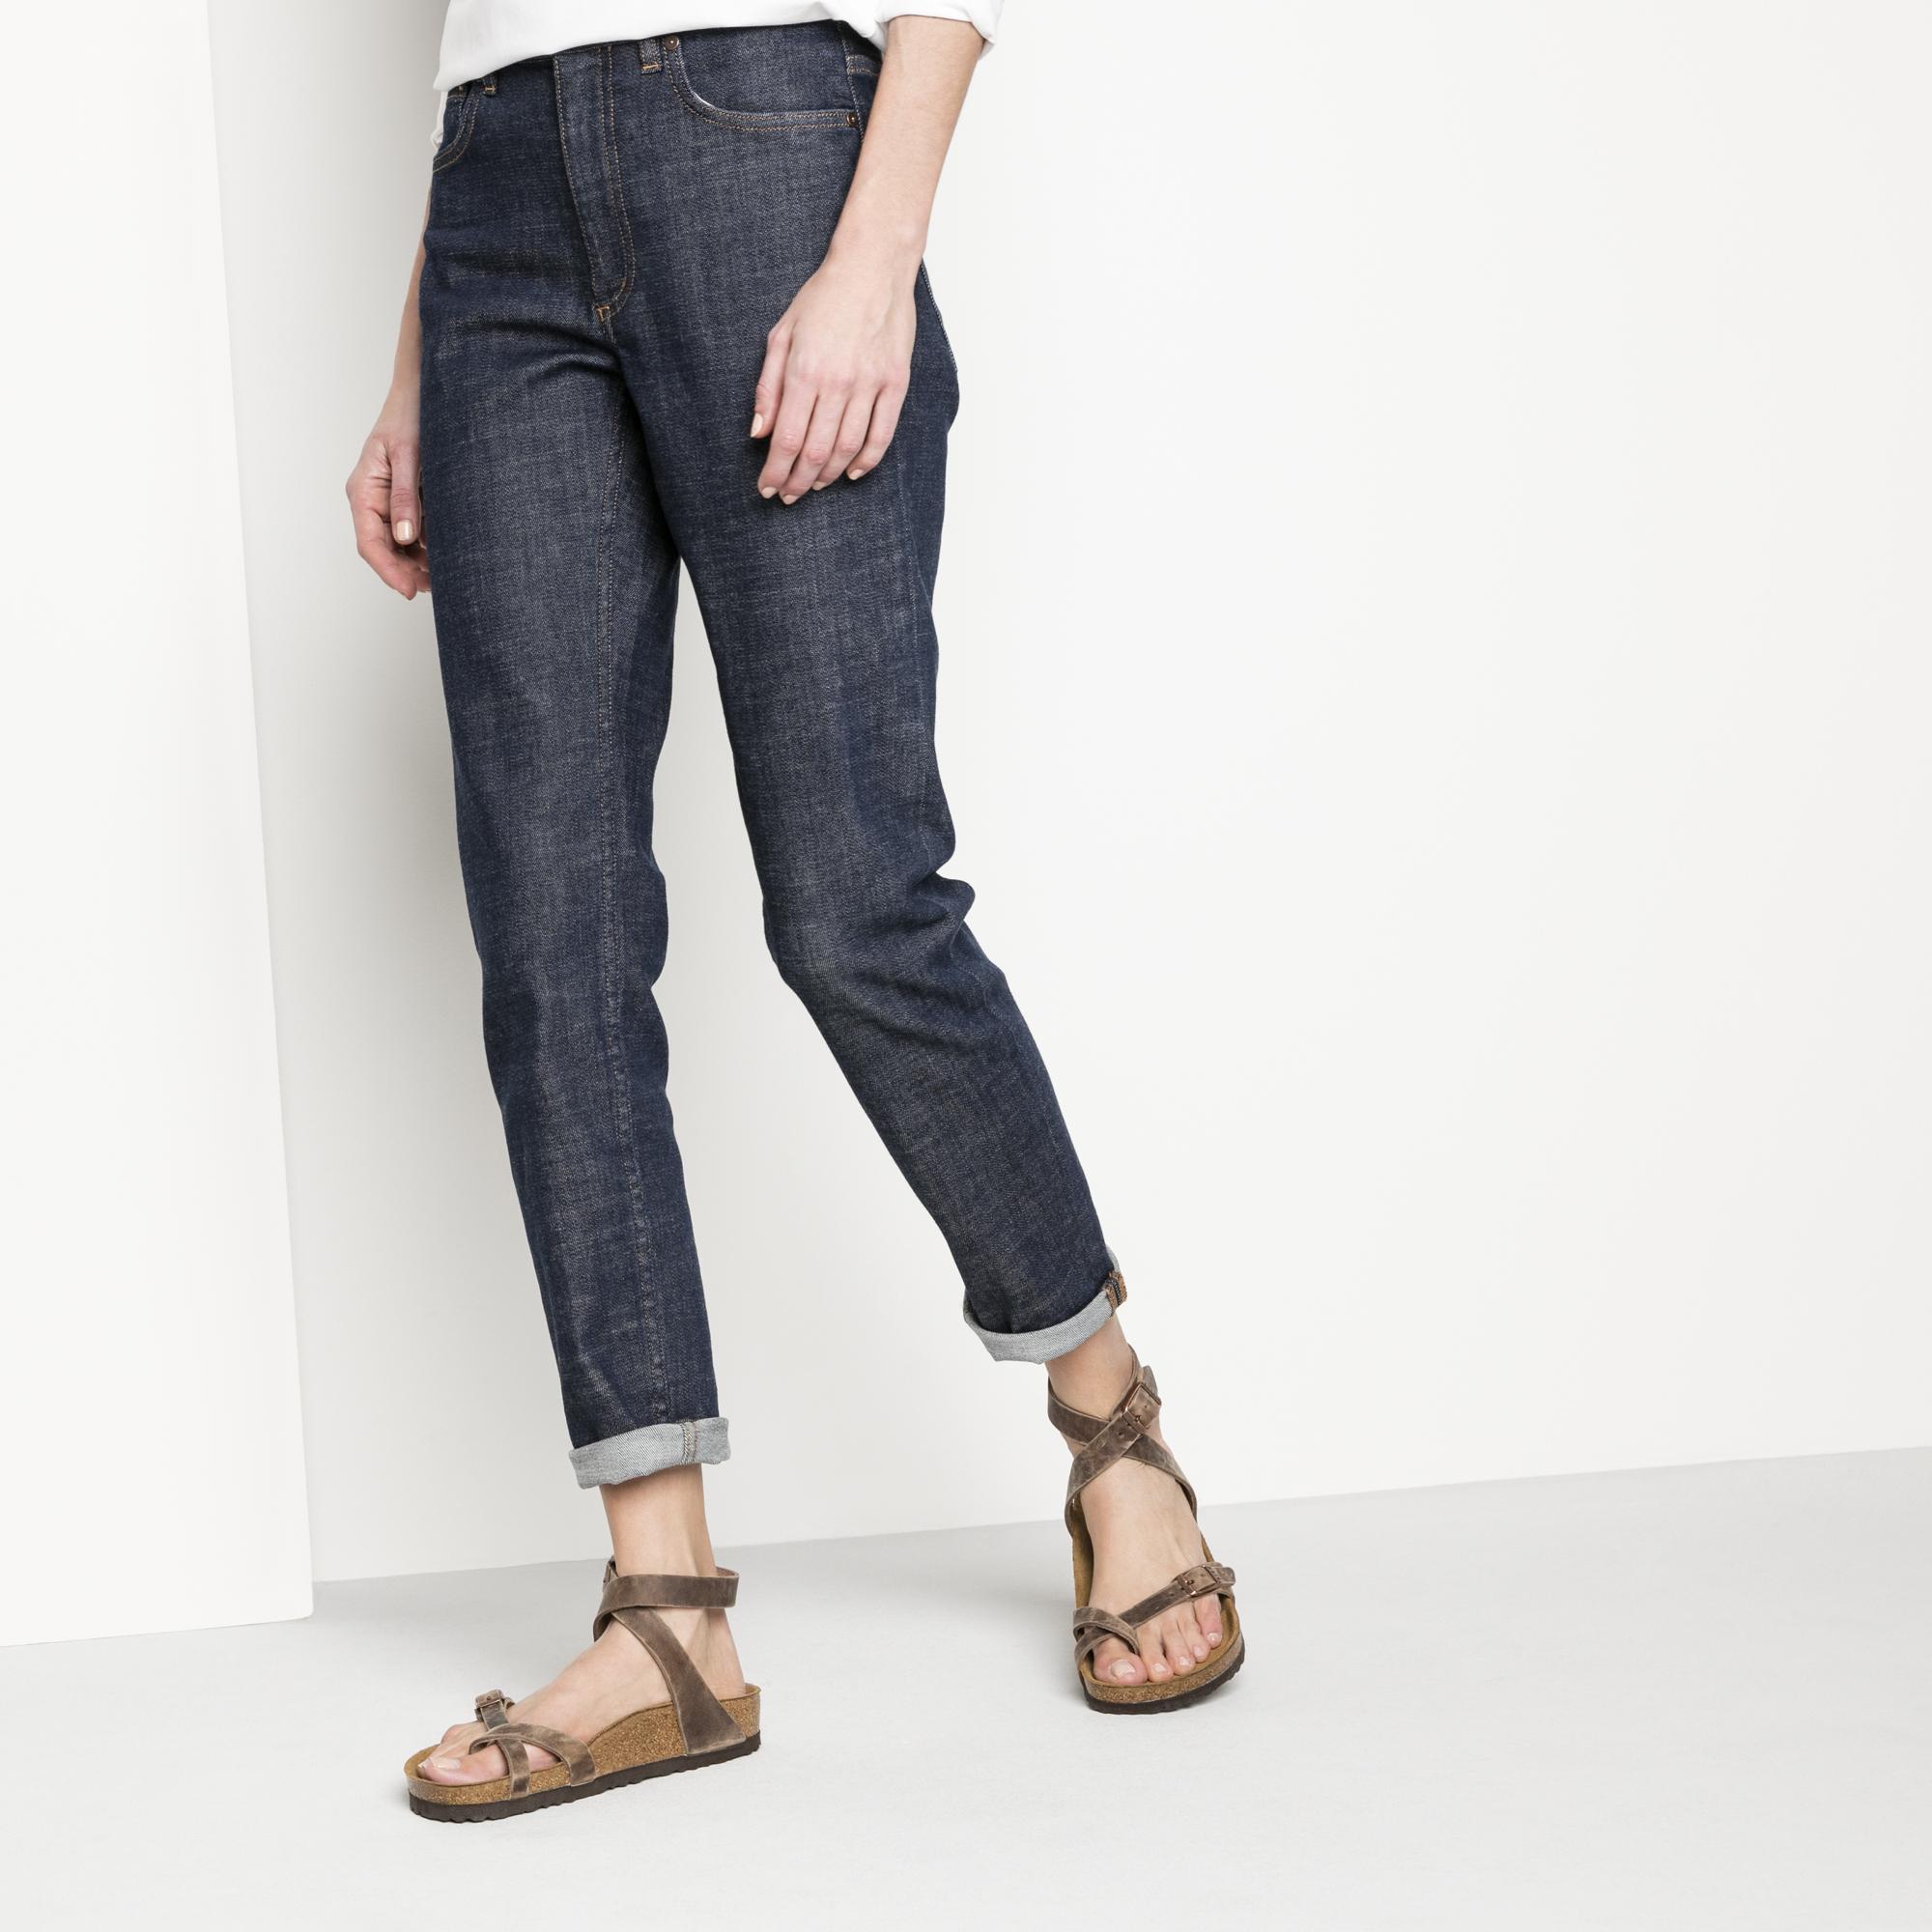 Yara Oiled Leather Schwarz   online kaufen bei BIRKENSTOCK